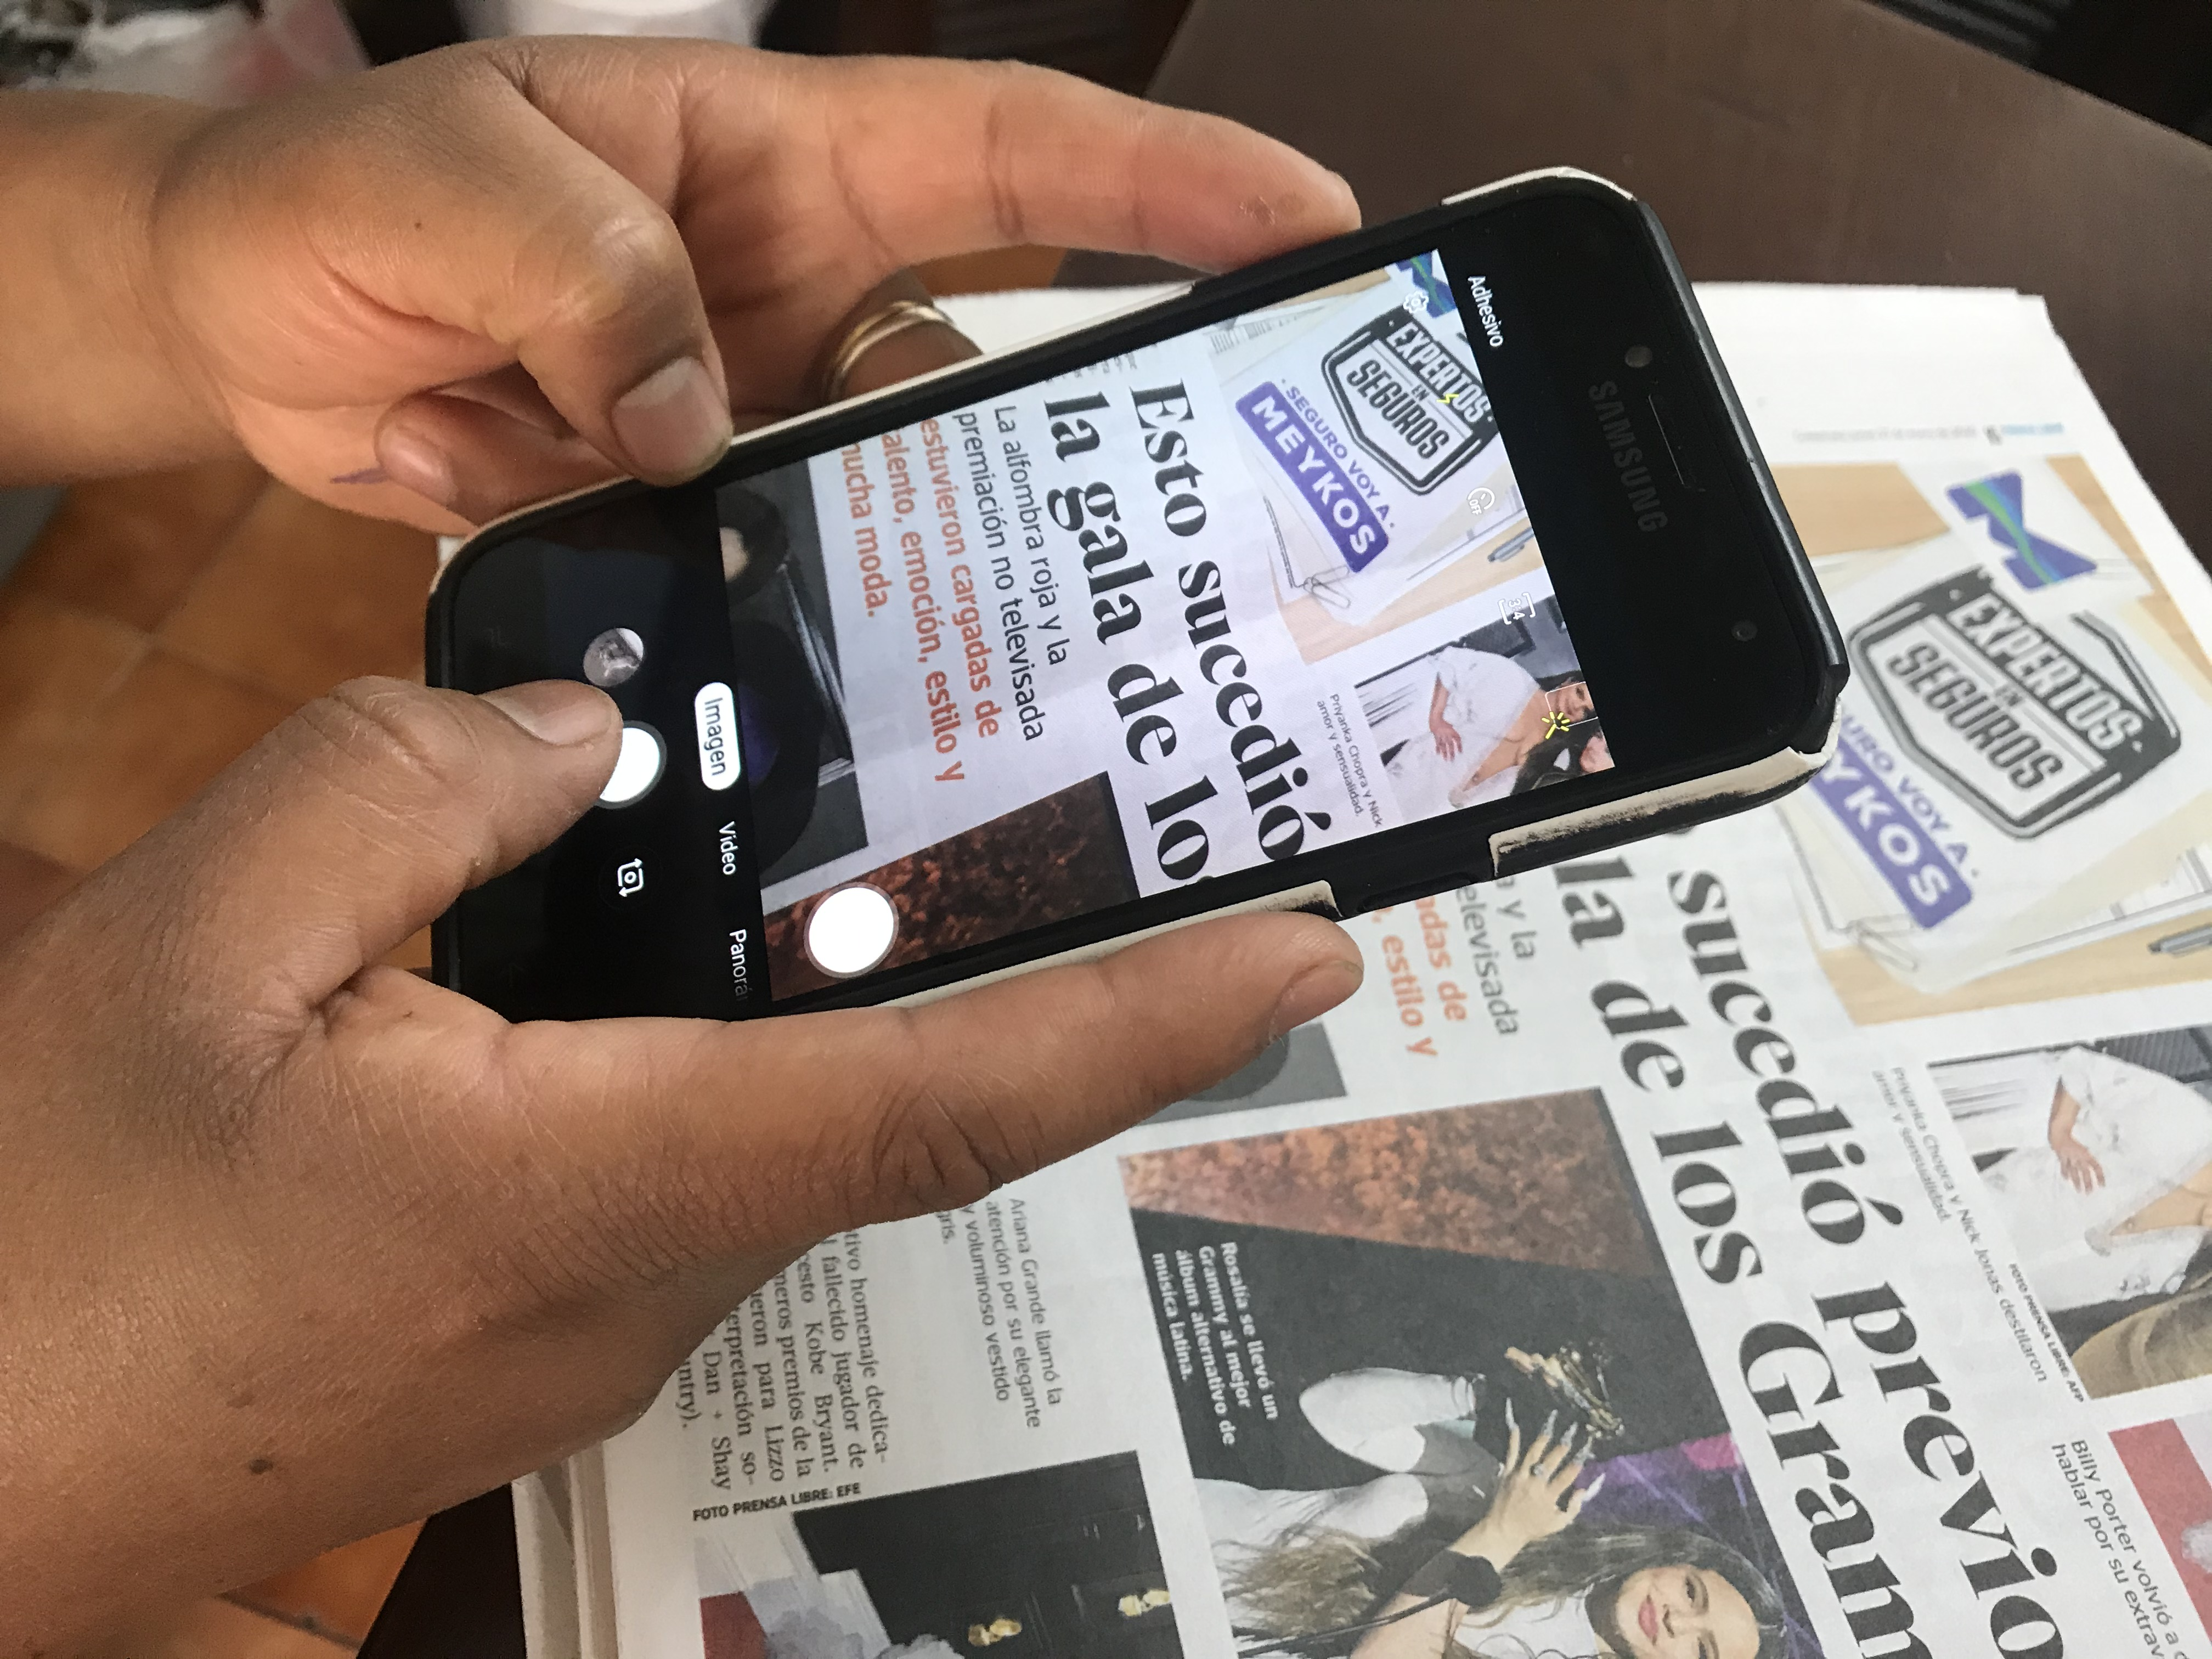 Las Mejores Apps Para Escanear Viejas Fotografías Y Todo Tipo De Documentos Prensa Libre